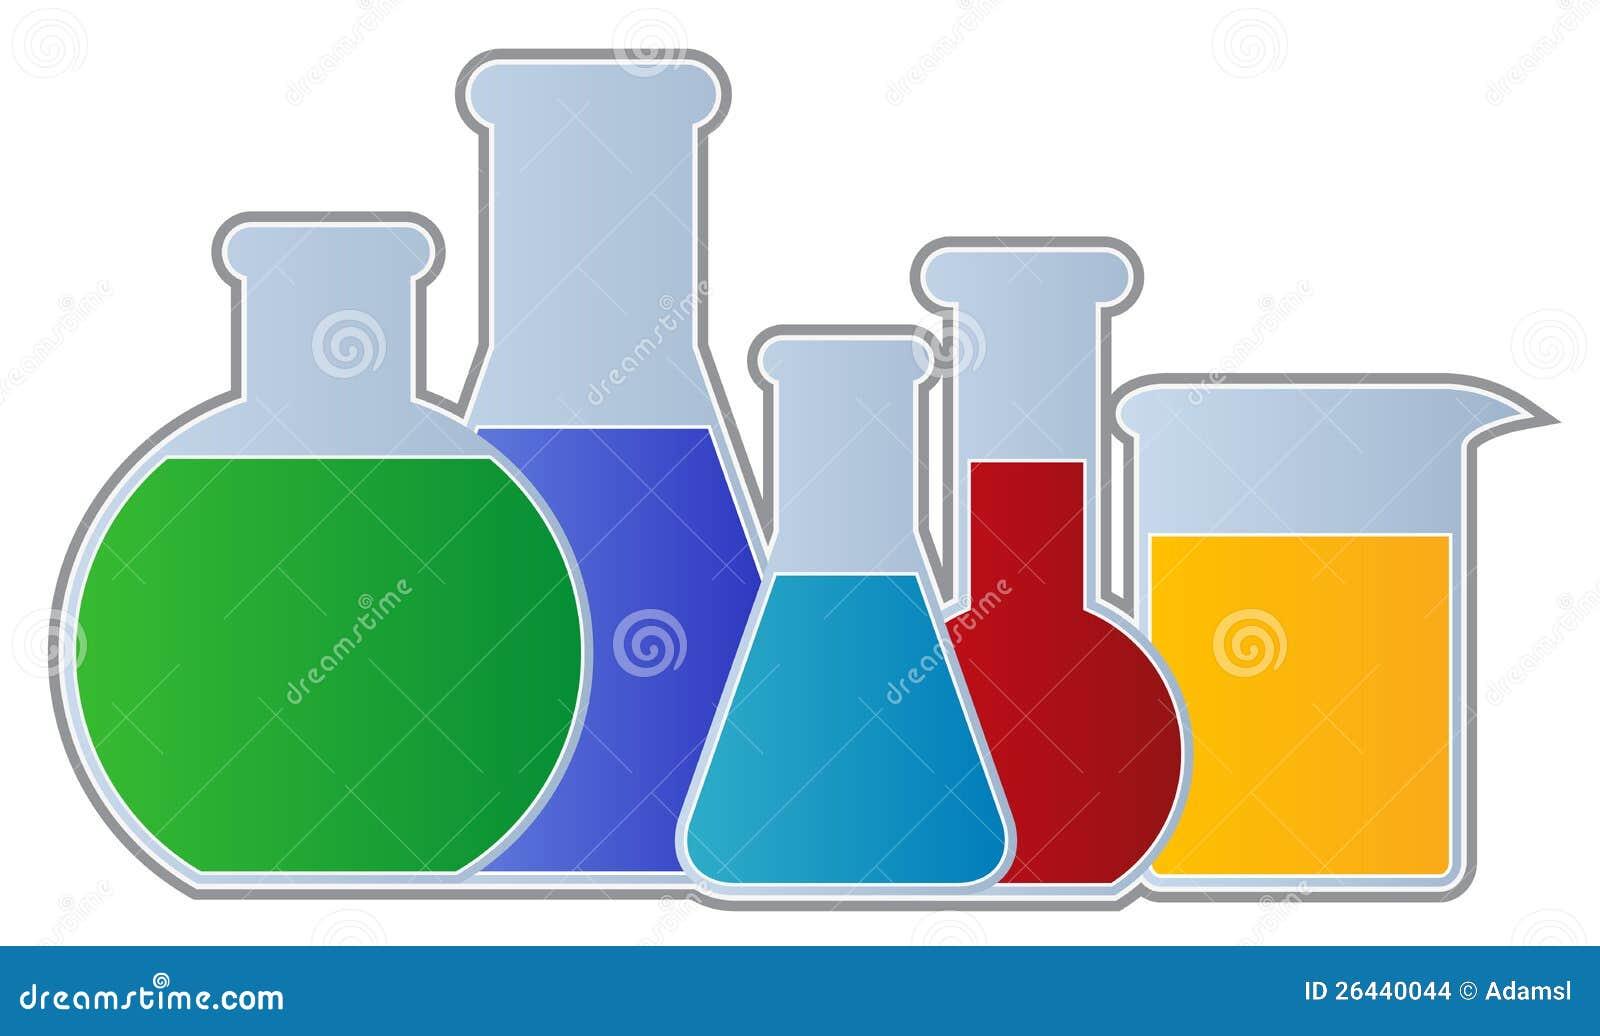 cartoon science beaker